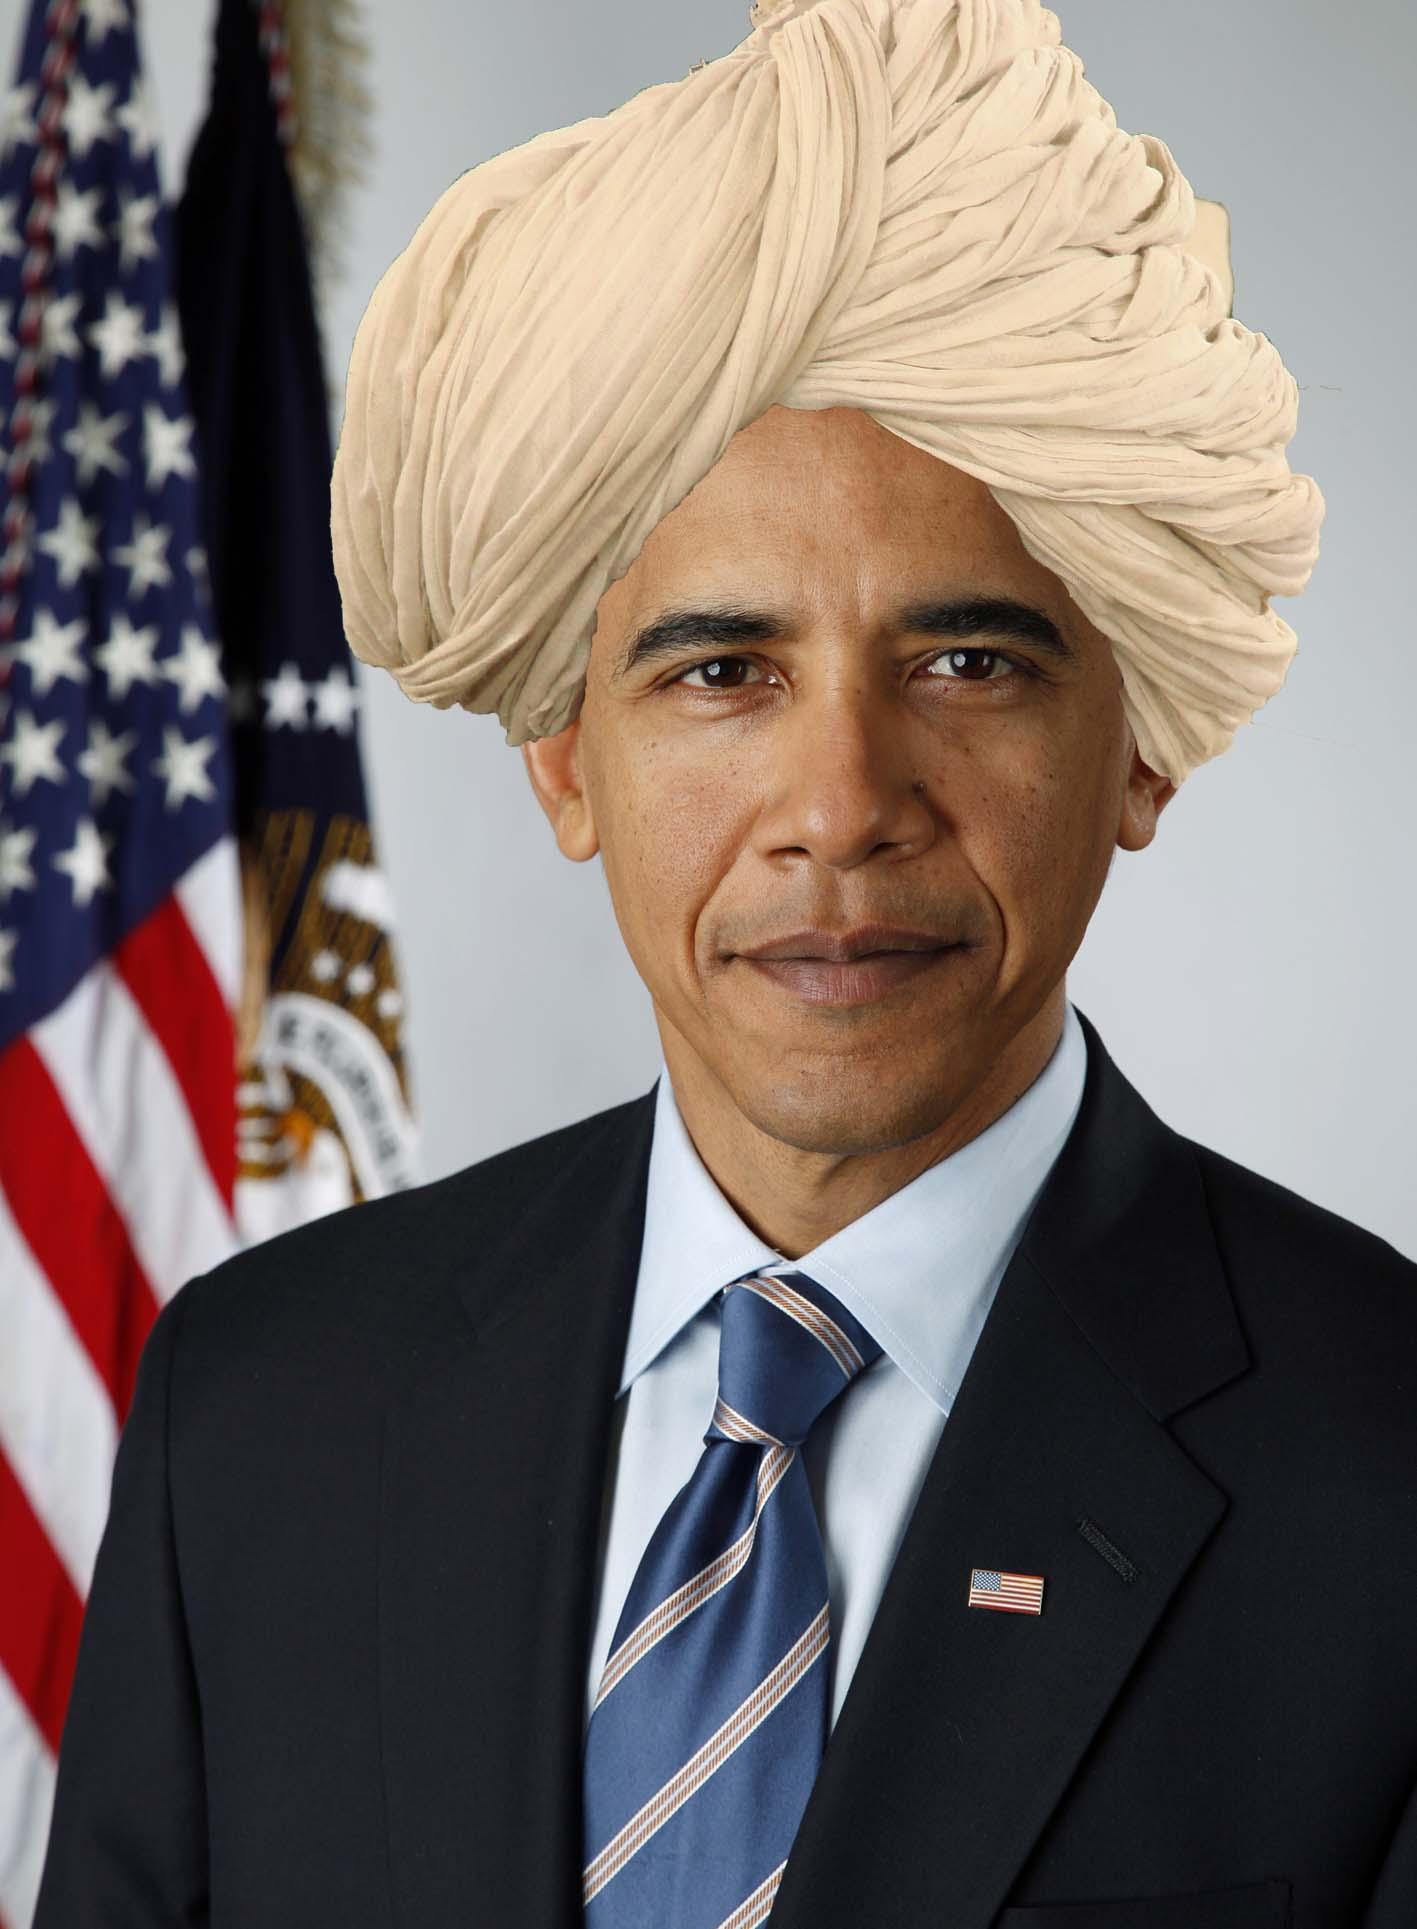 Mullah Barack Hussein Obamas Fatwas und die Vollstreckung daraus resultierender Todesurteile Official_portrait_of_Barack_Obama_with_Turban